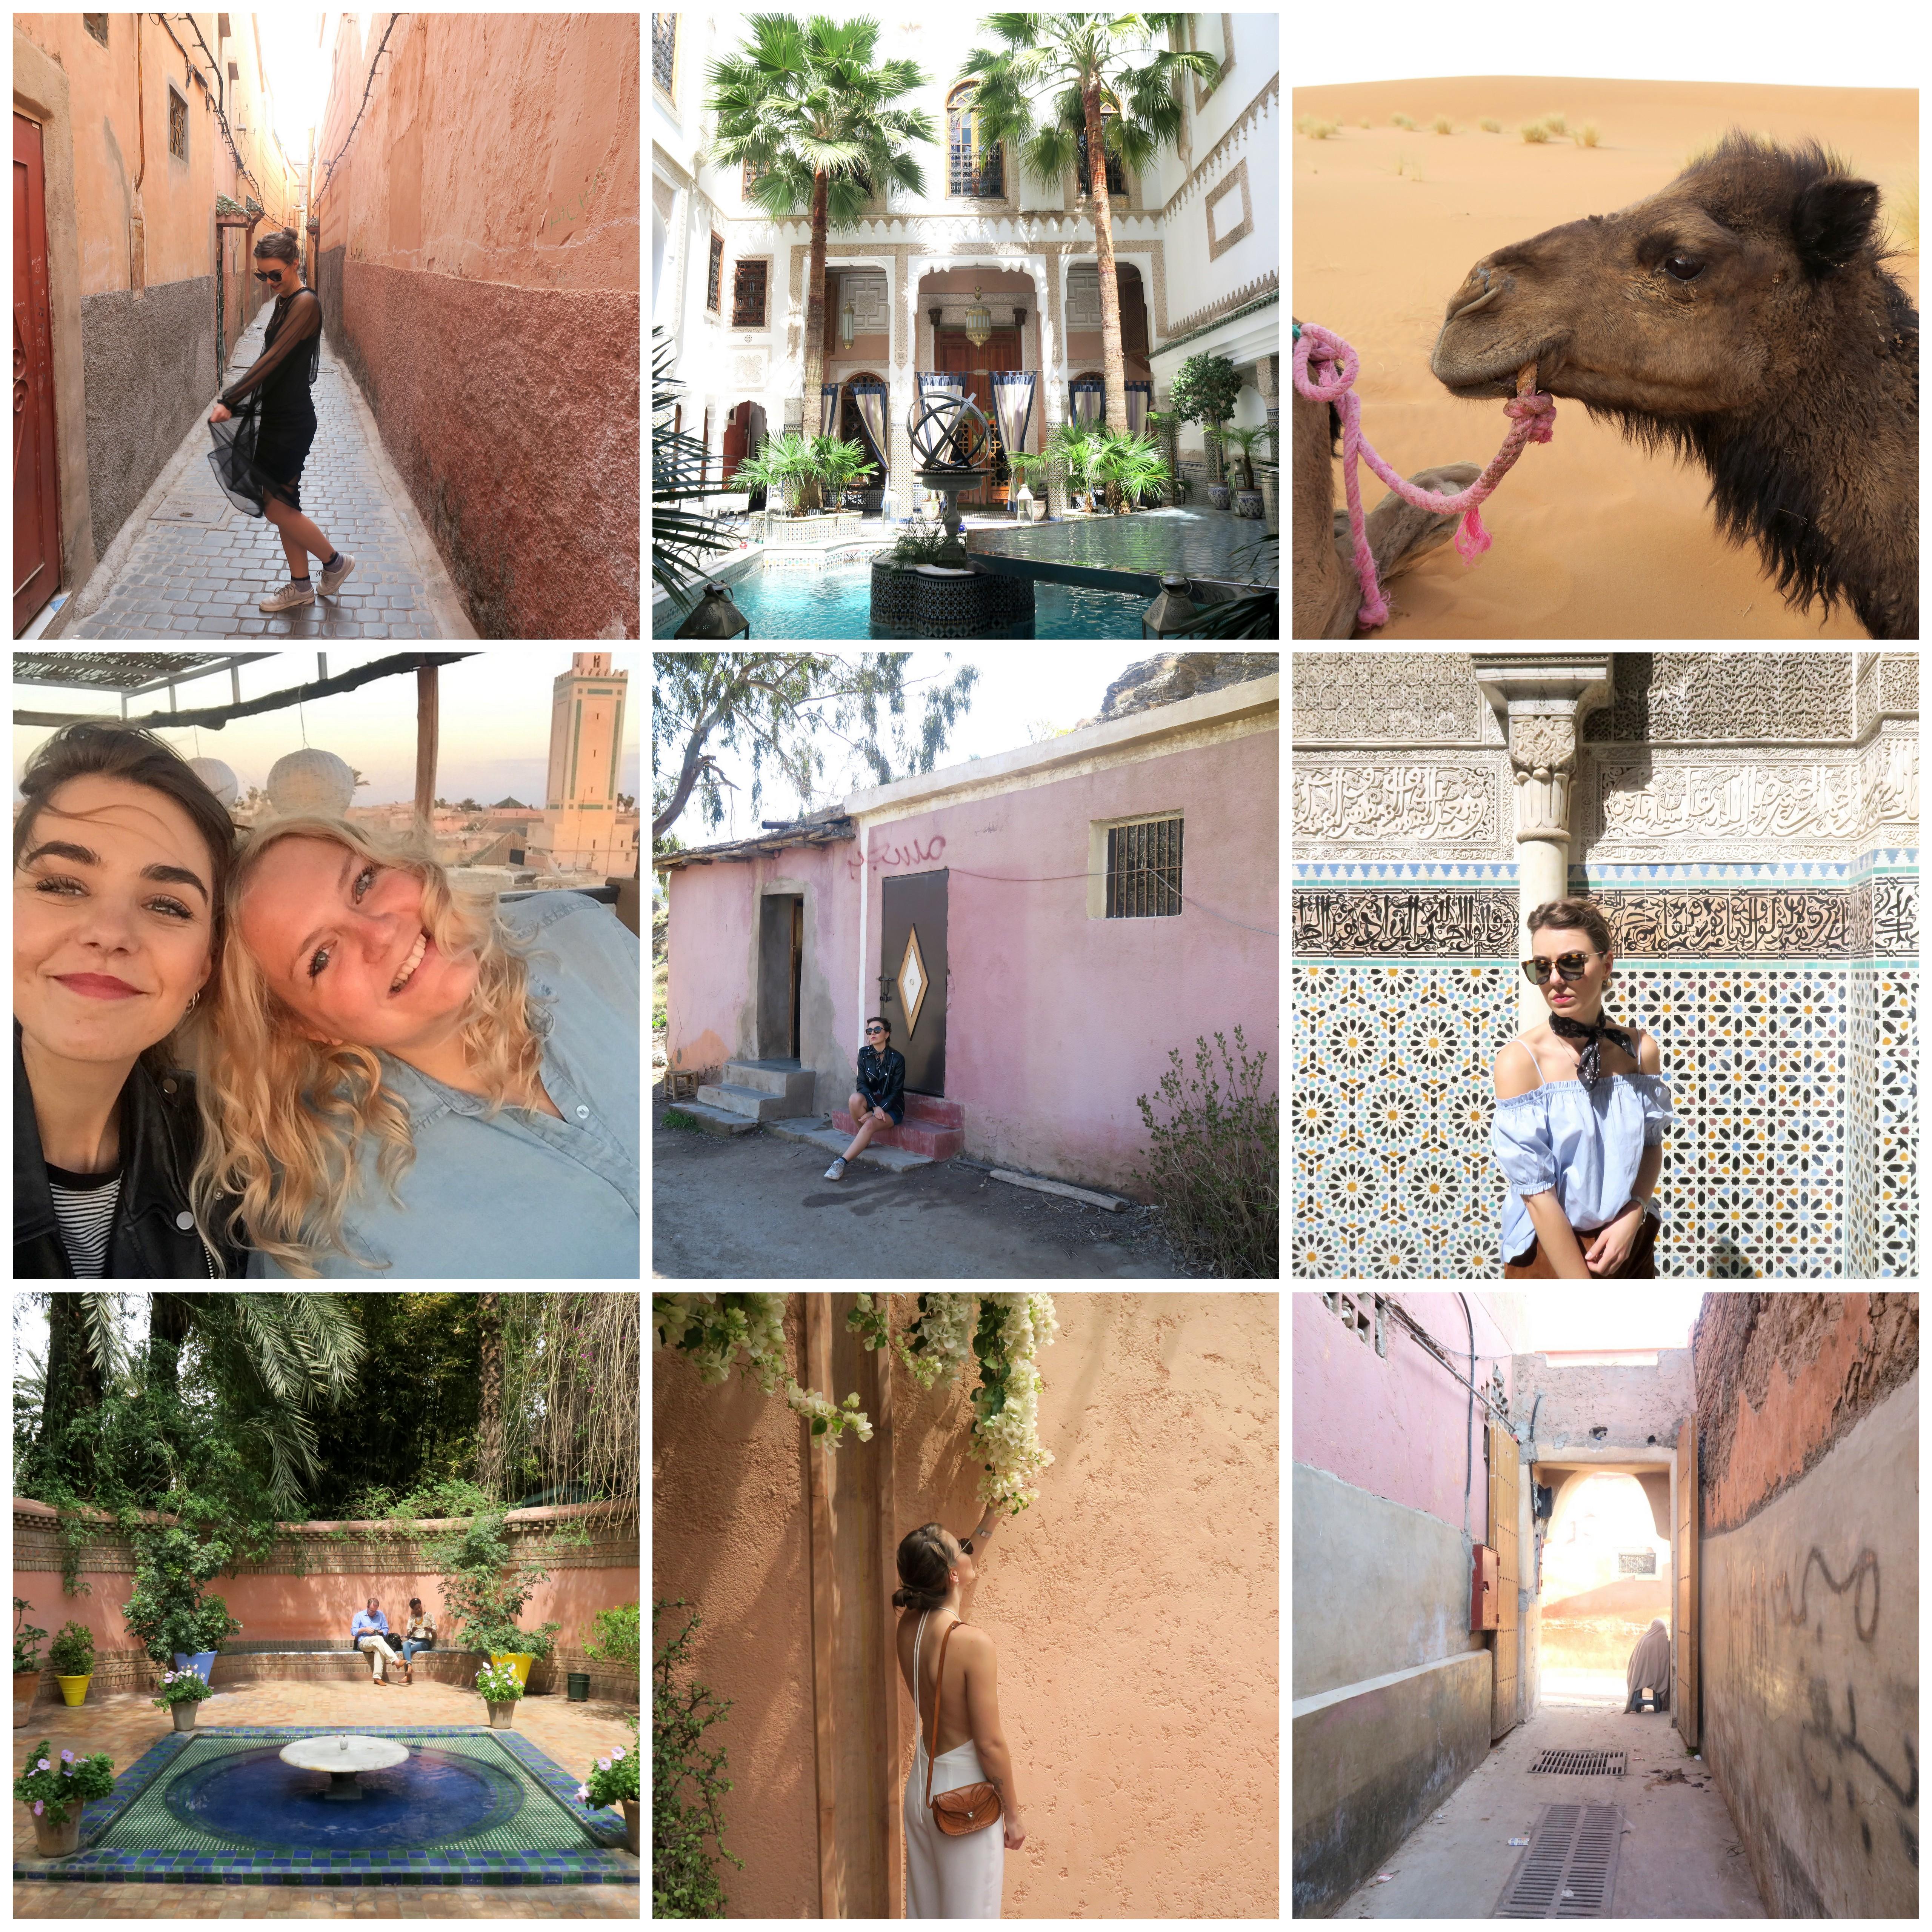 marokko-marrakech-2